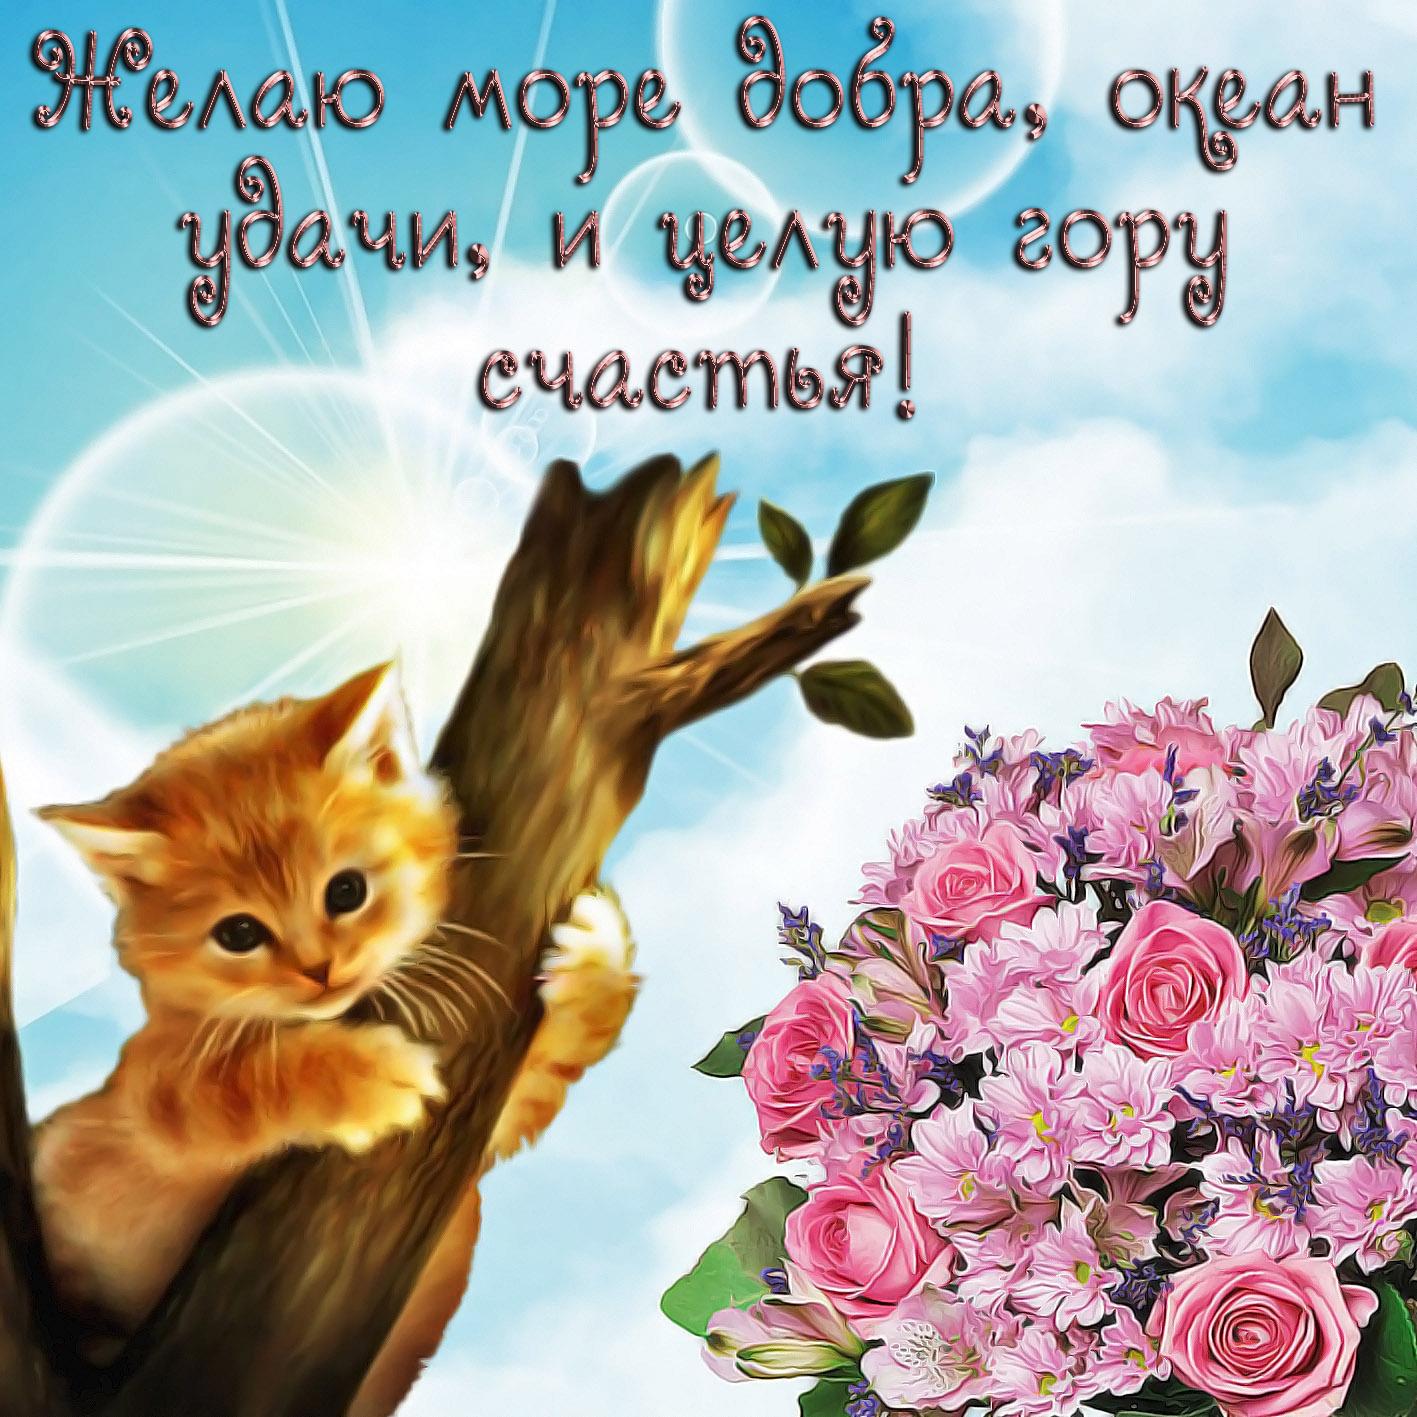 Месяца, красивые открытки с пожеланием удачи счастья на каждый день